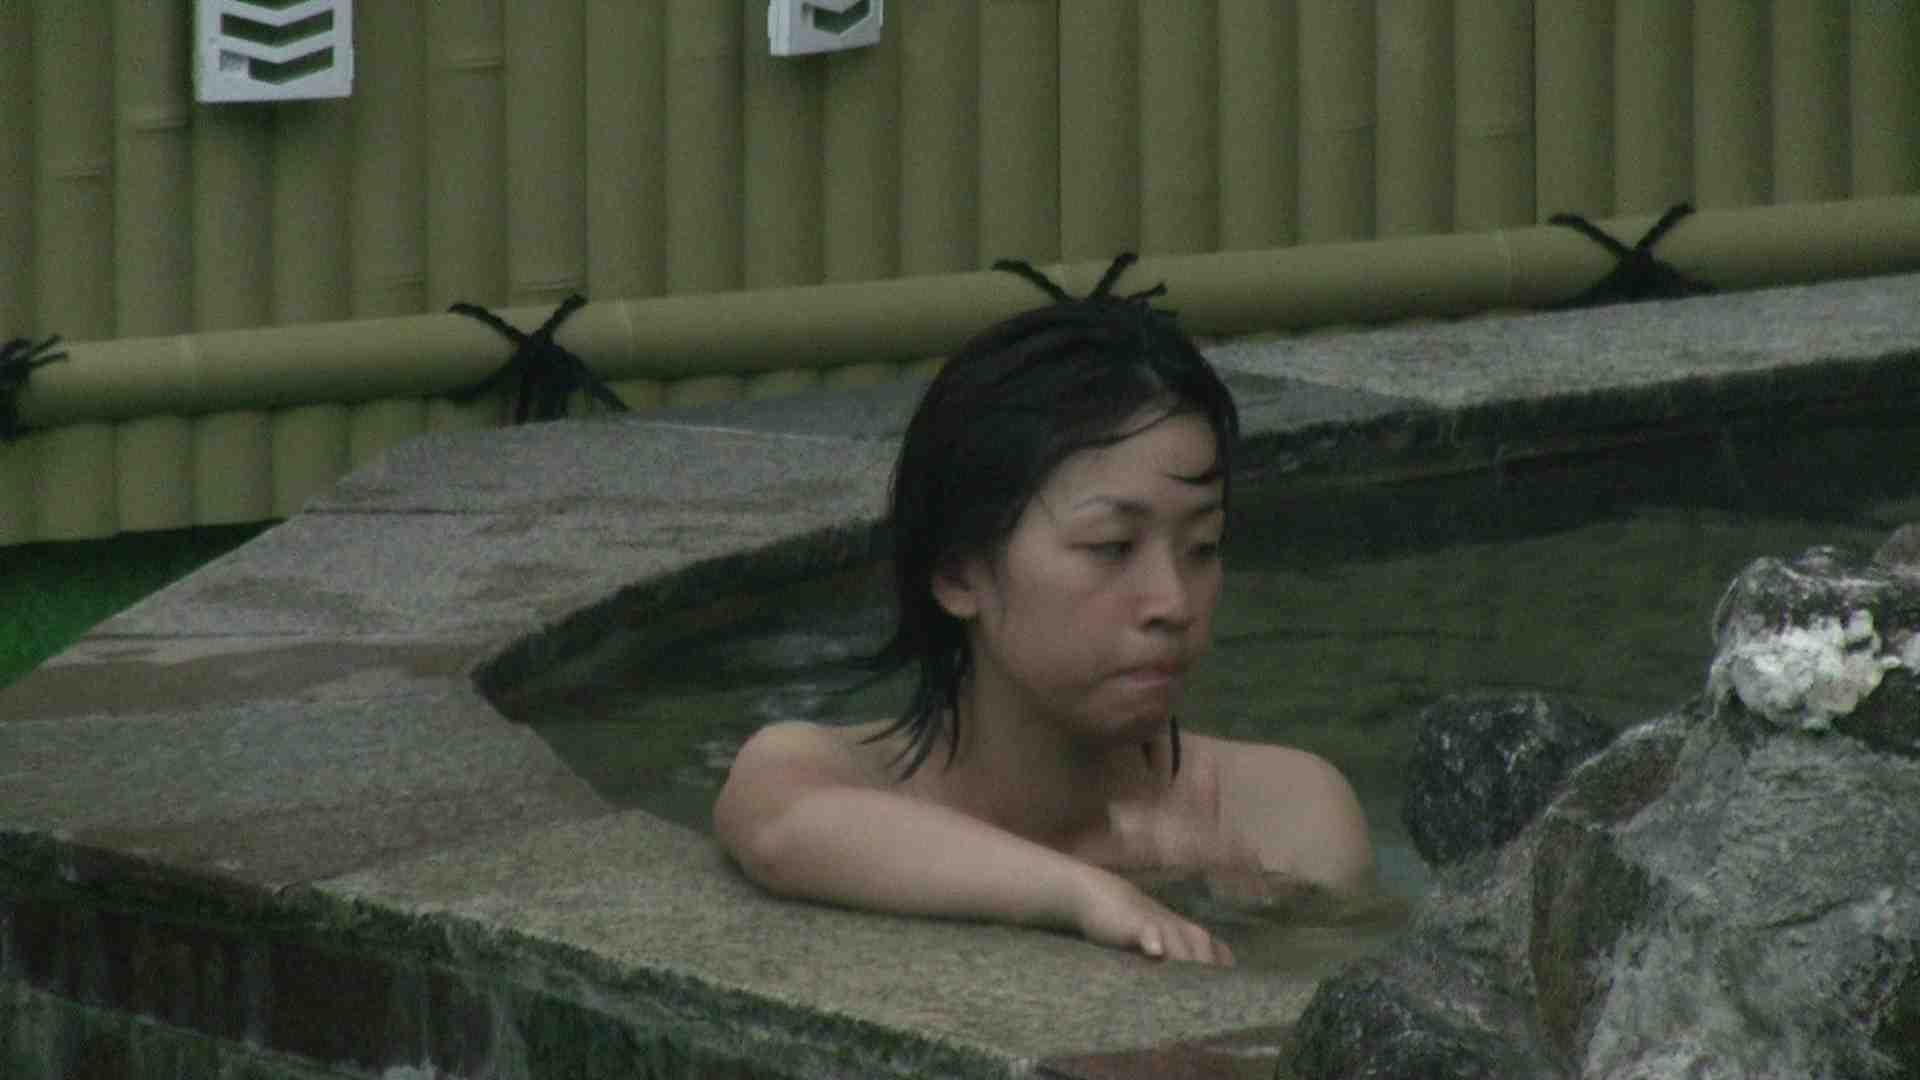 Aquaな露天風呂Vol.170 盗撮  54画像 45